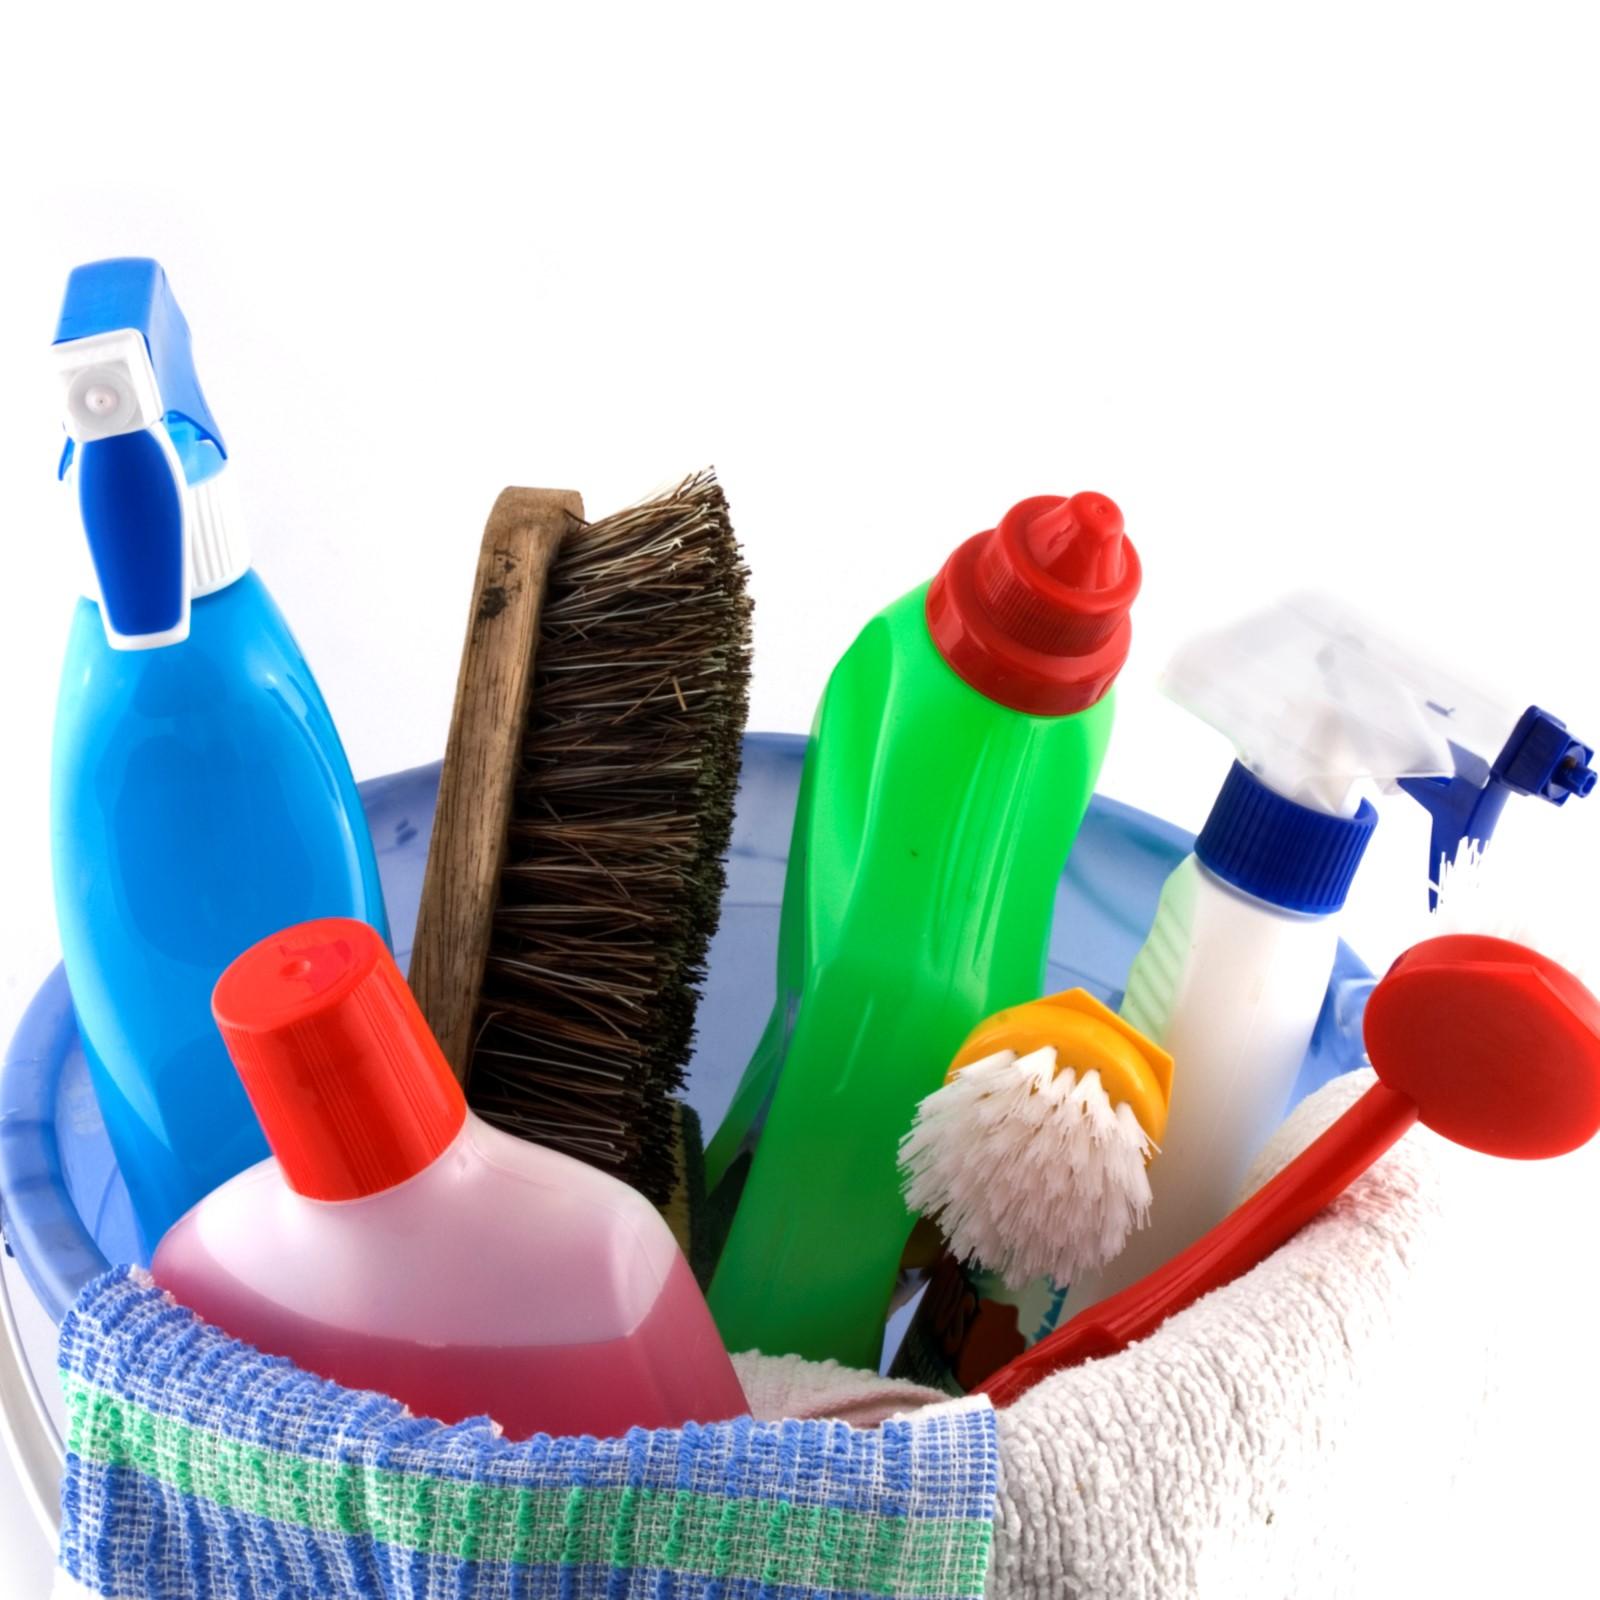 Vaskebøtte med forskjellige vaskemidler og utstyr